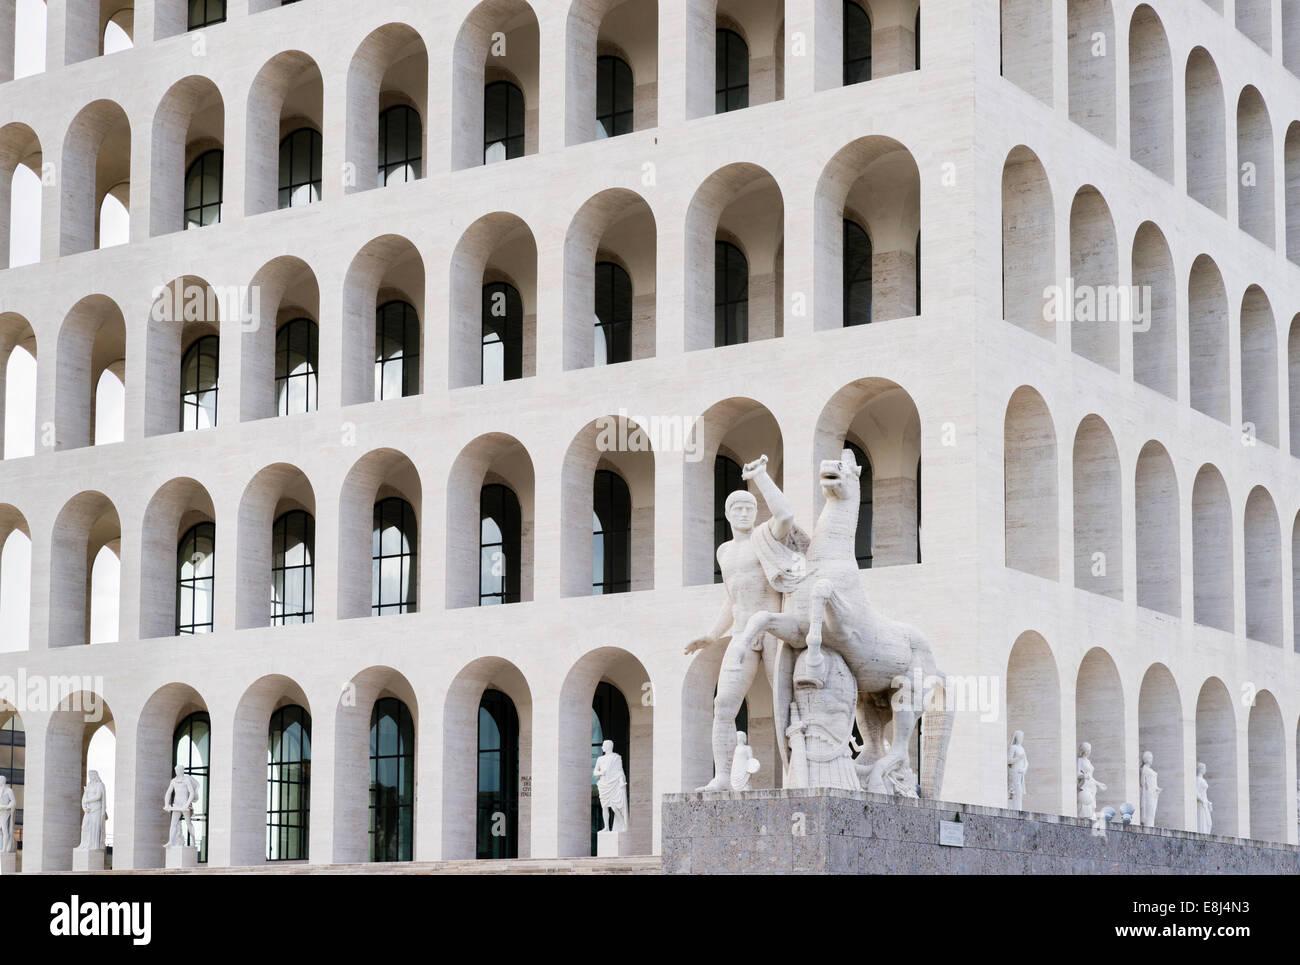 Palazzo della Civiltà Italiana, el Palacio de la Civilización Italiana, también Colosseo Quadrato, Imagen De Stock